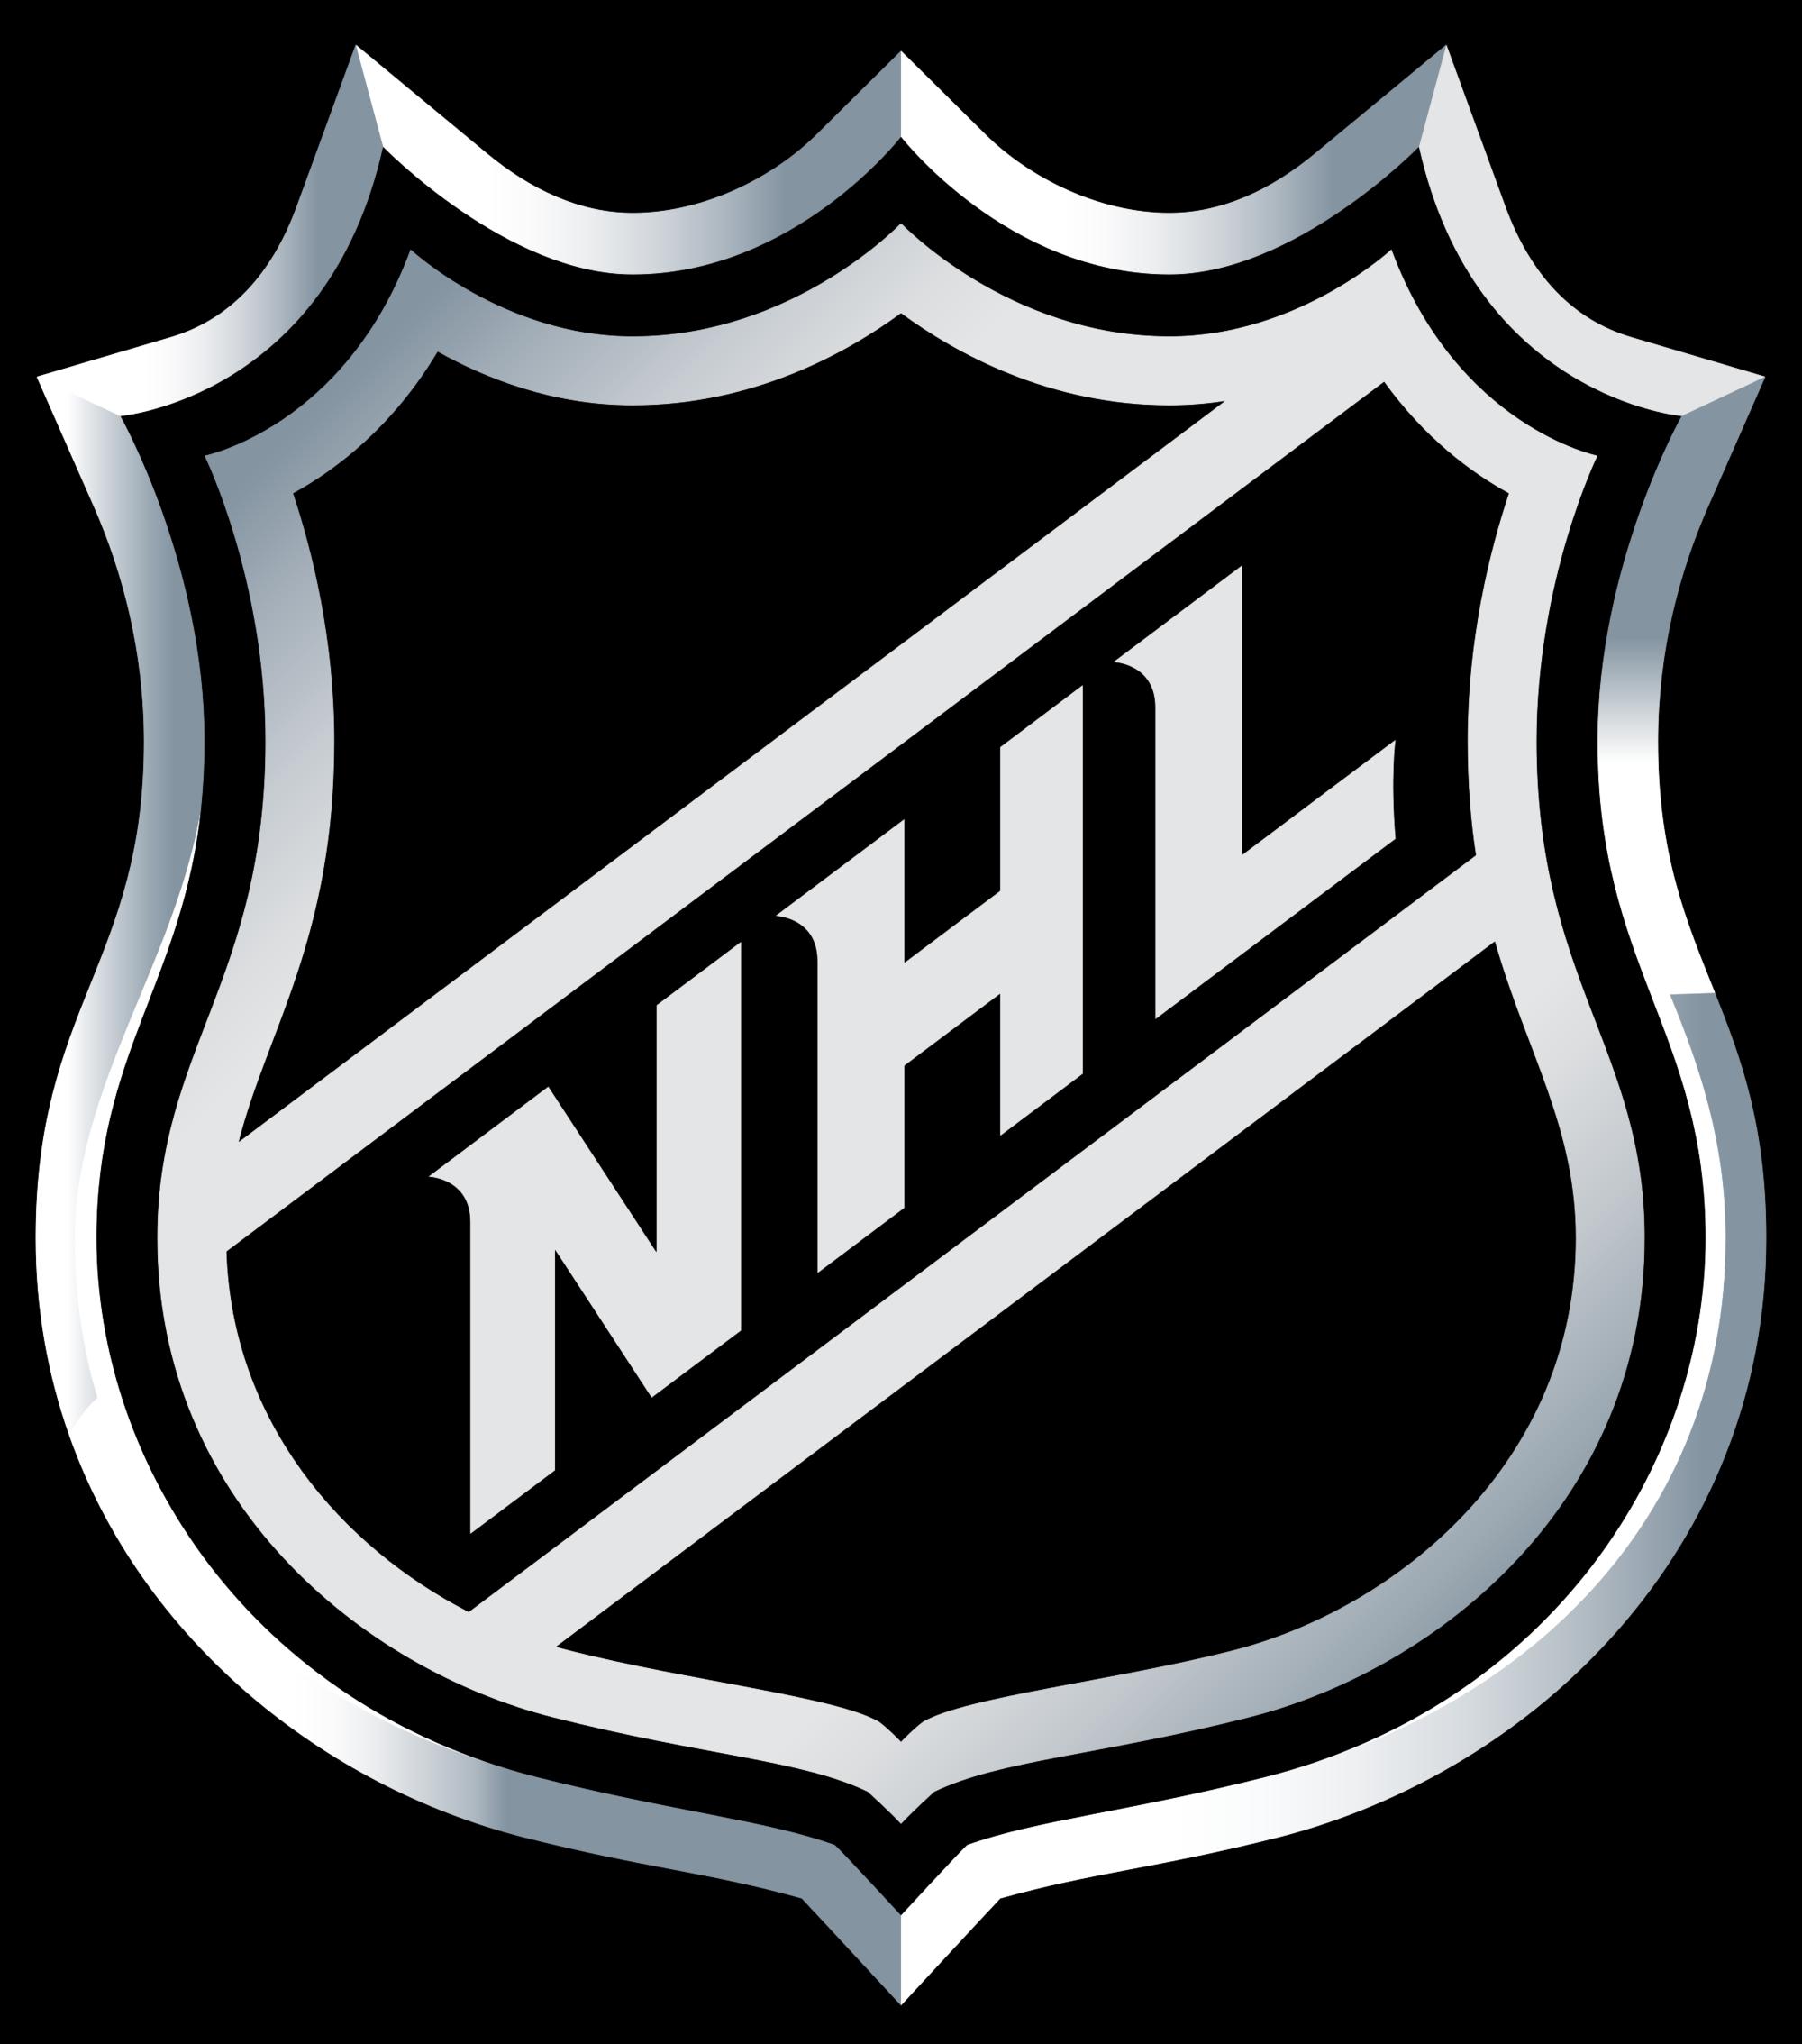 05 NHL Shield.png